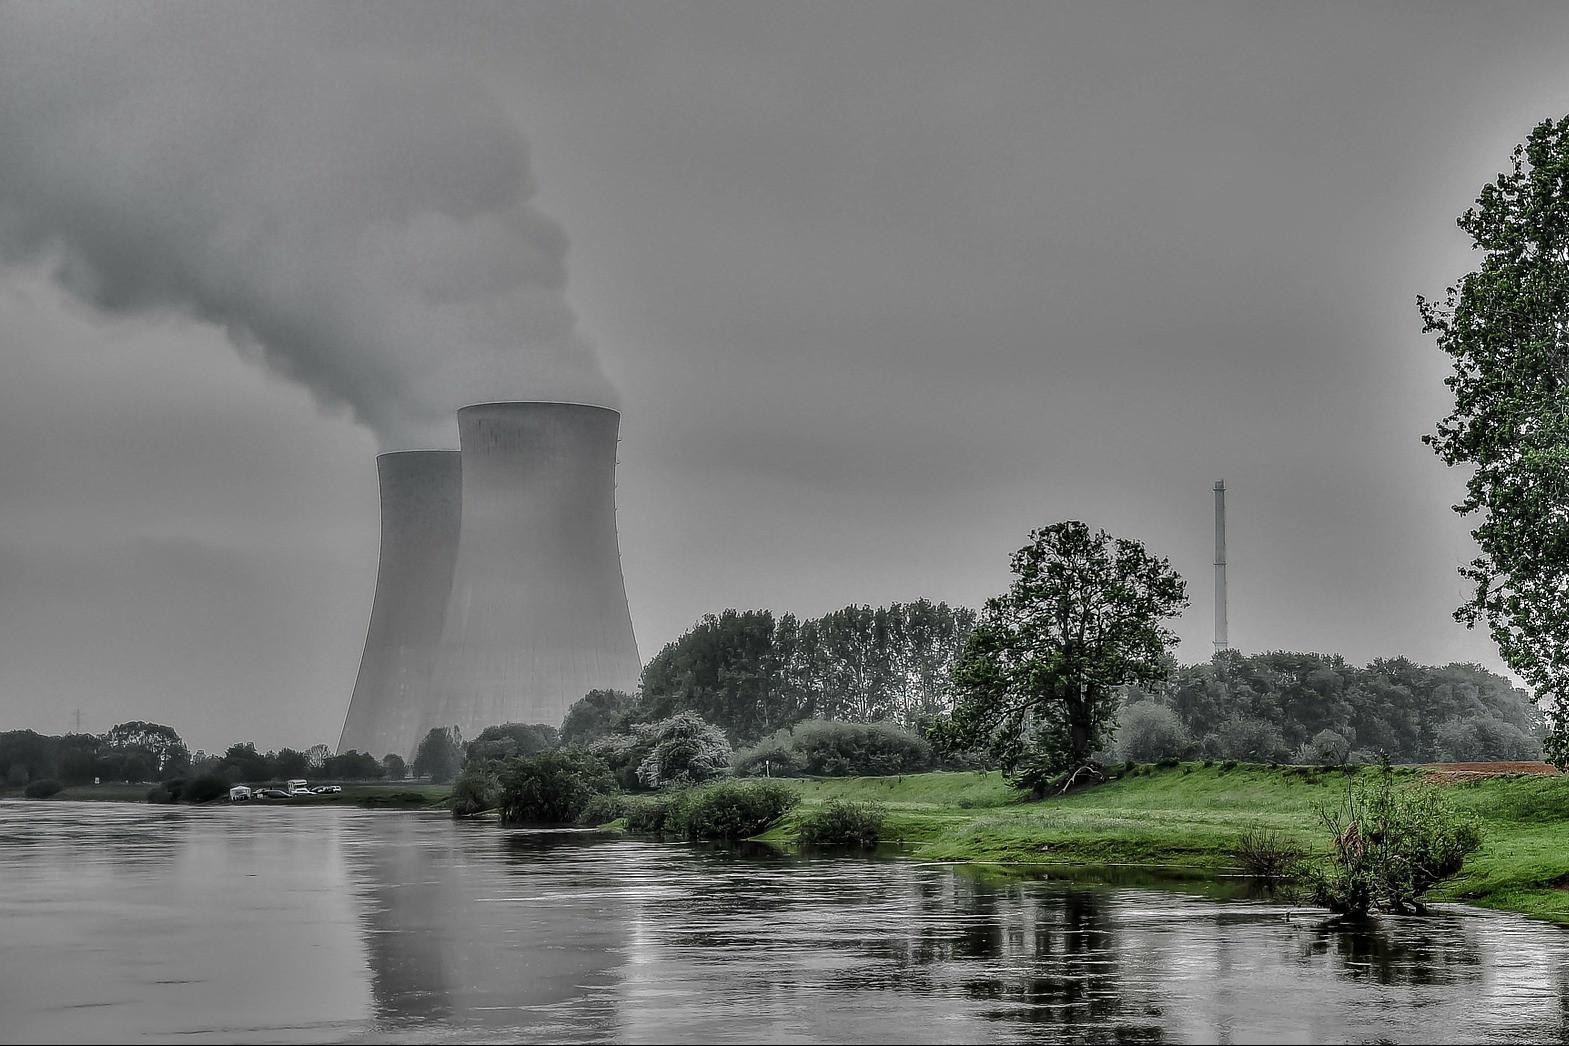 Atomkraftwerk am Fluss